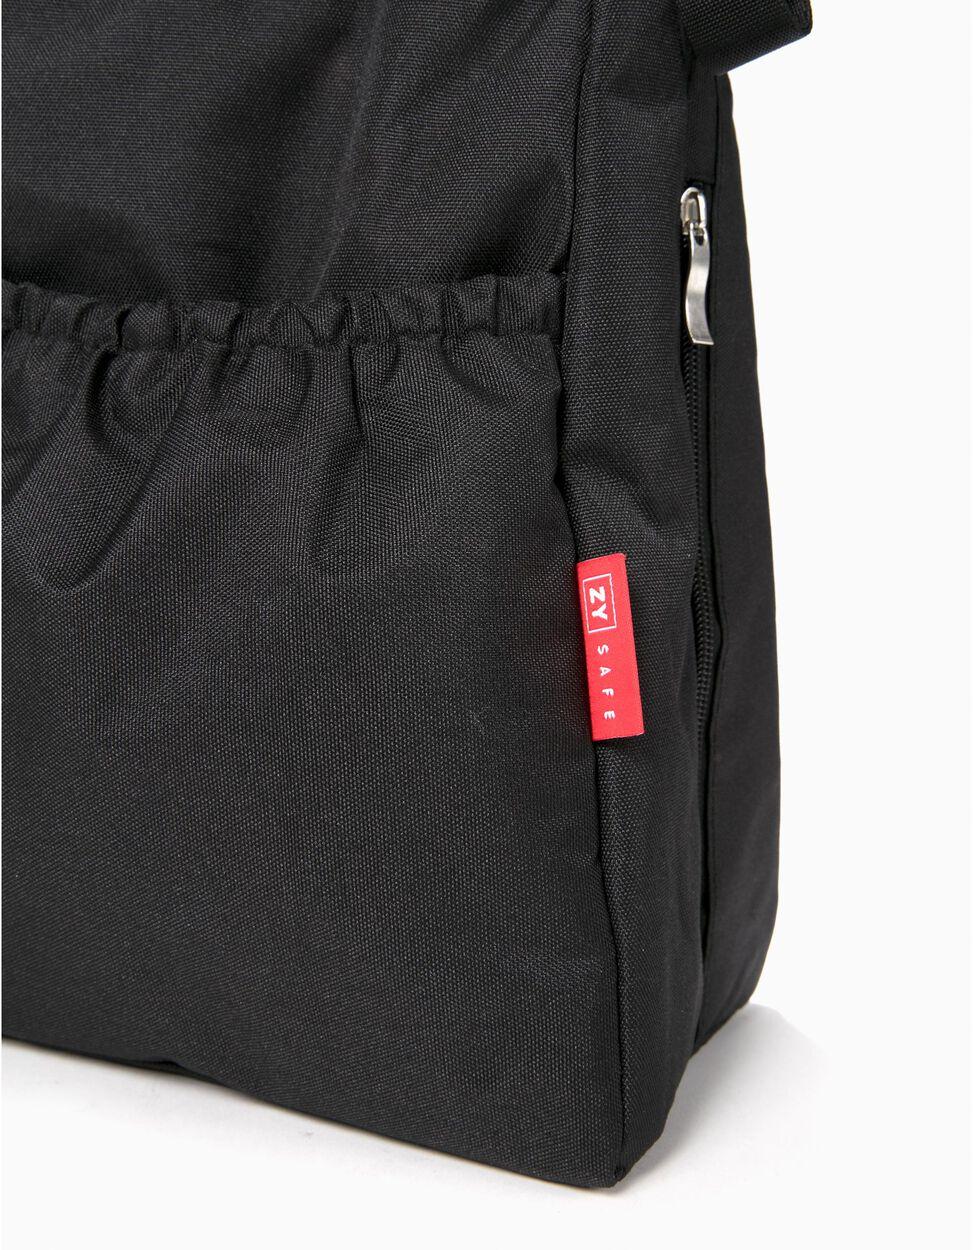 Saco de Passeio 30x40x15 cm Simple Zy Safe